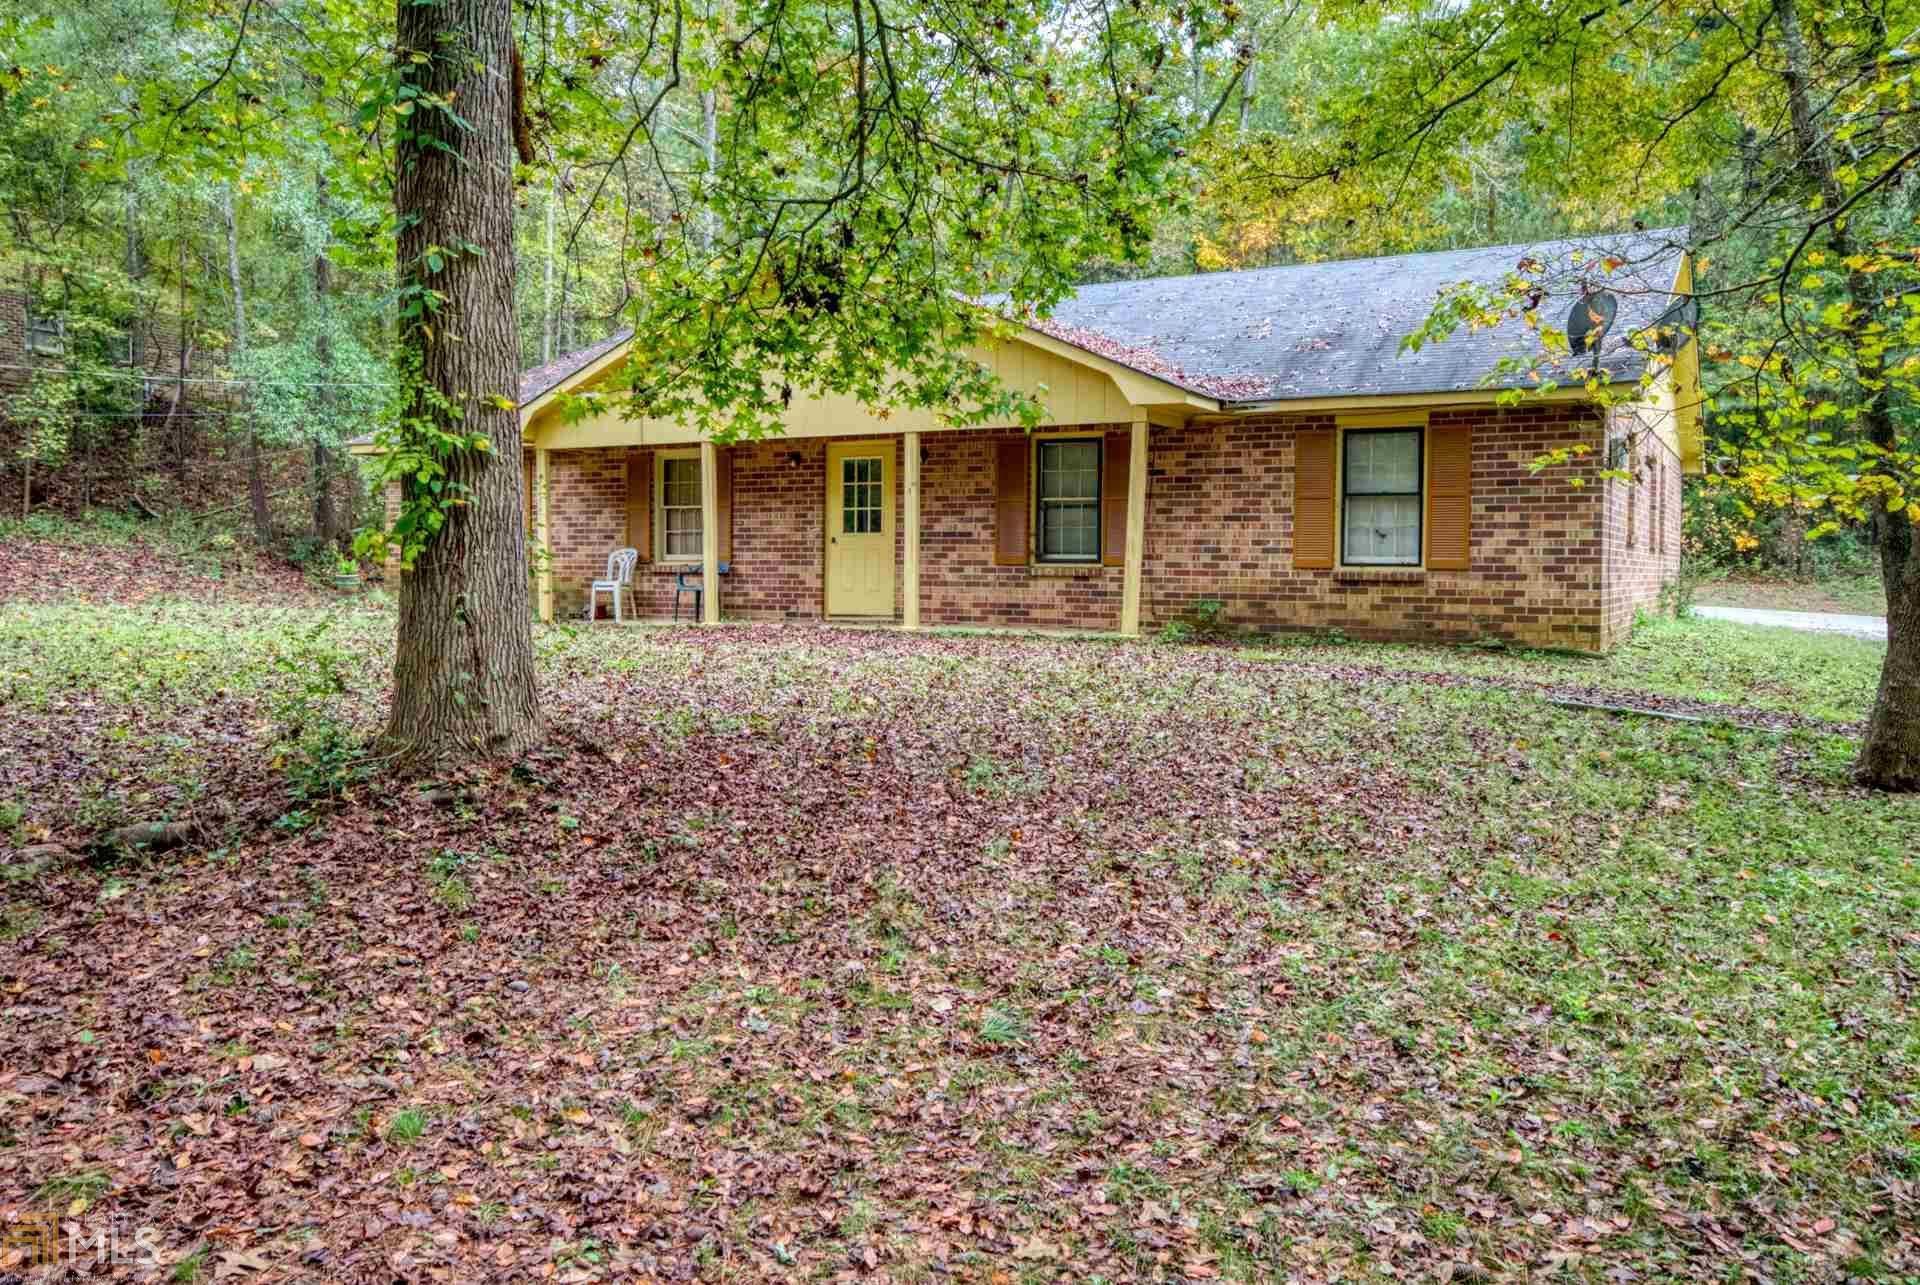 9315 Cedar Ridge Dr, Covington, GA 30014 - #: 8881289